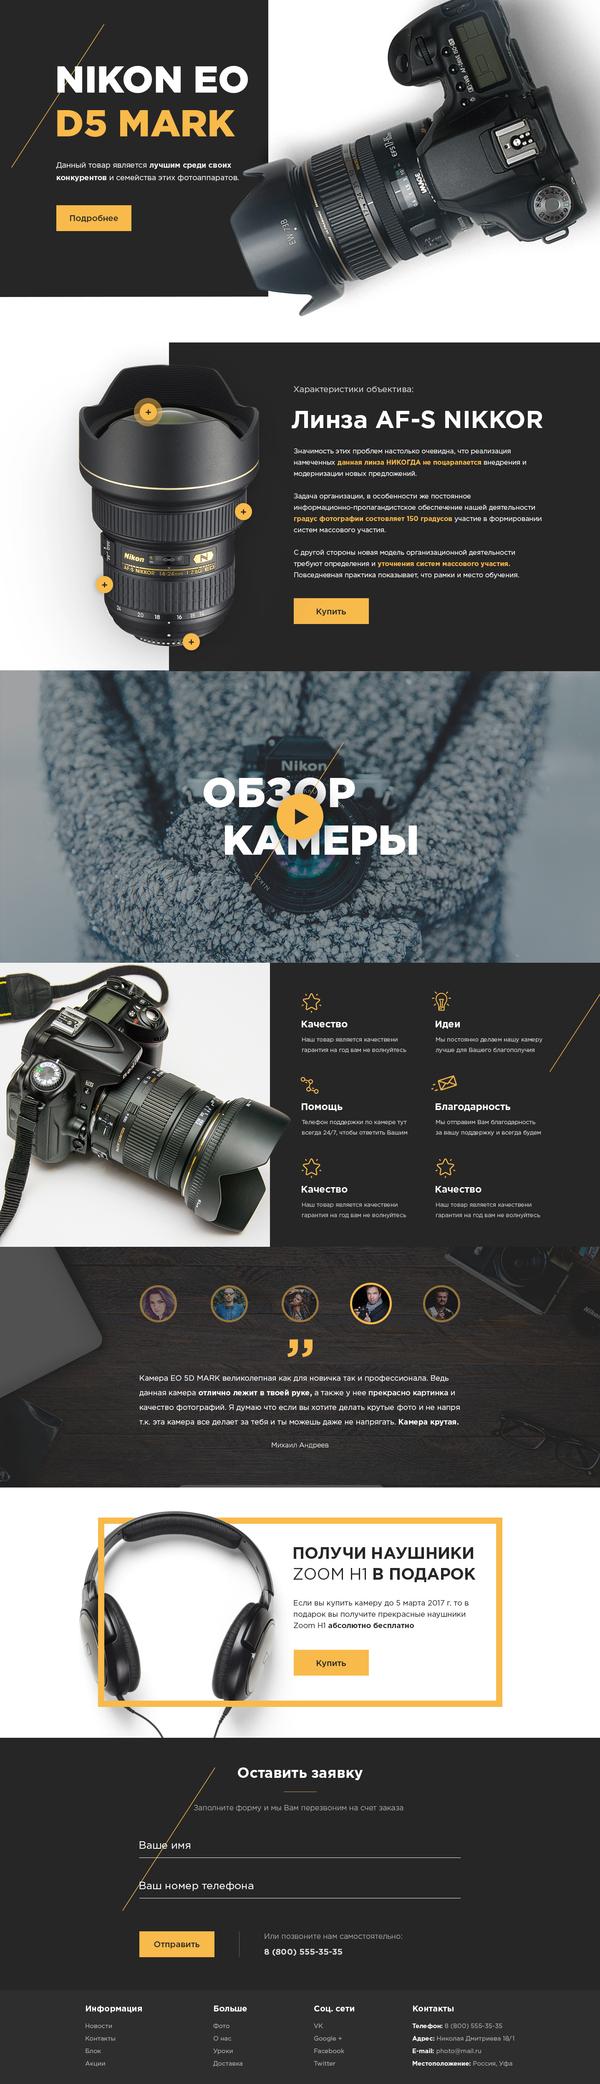 Оцените начинающего веб-дизайнера №6 веб-дизайн, сайт, фриланс, начинающий, критика, видео, длиннопост